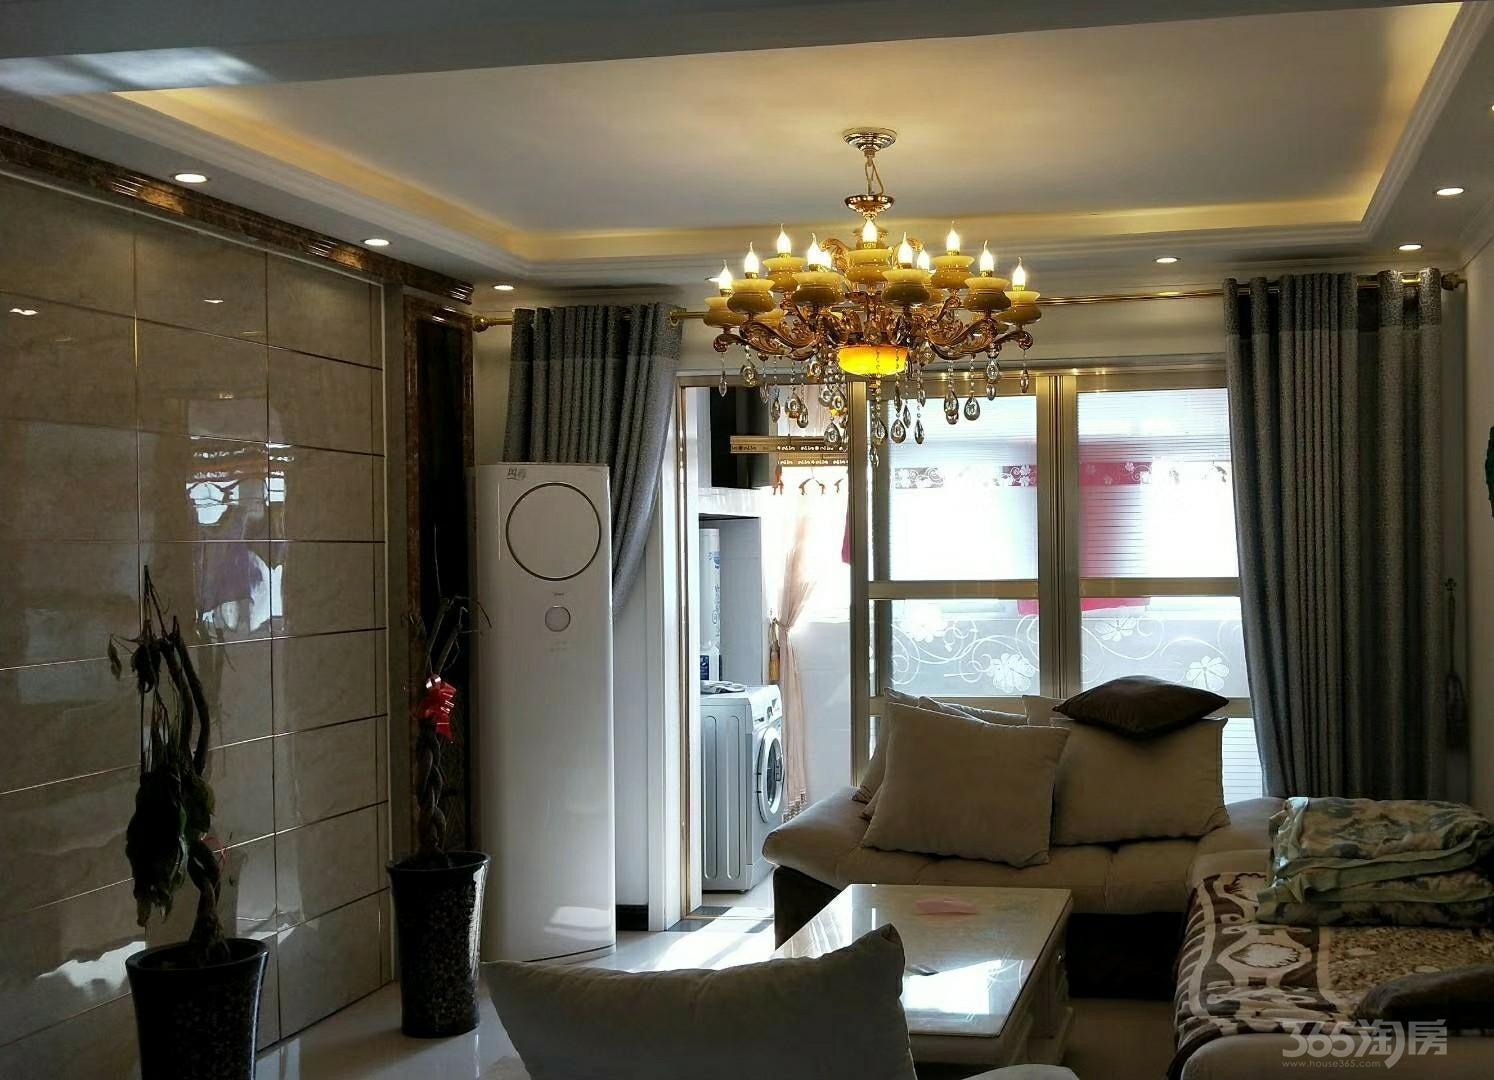 新乡宝龙国际3室2厅2卫132平米2005年产权房精装